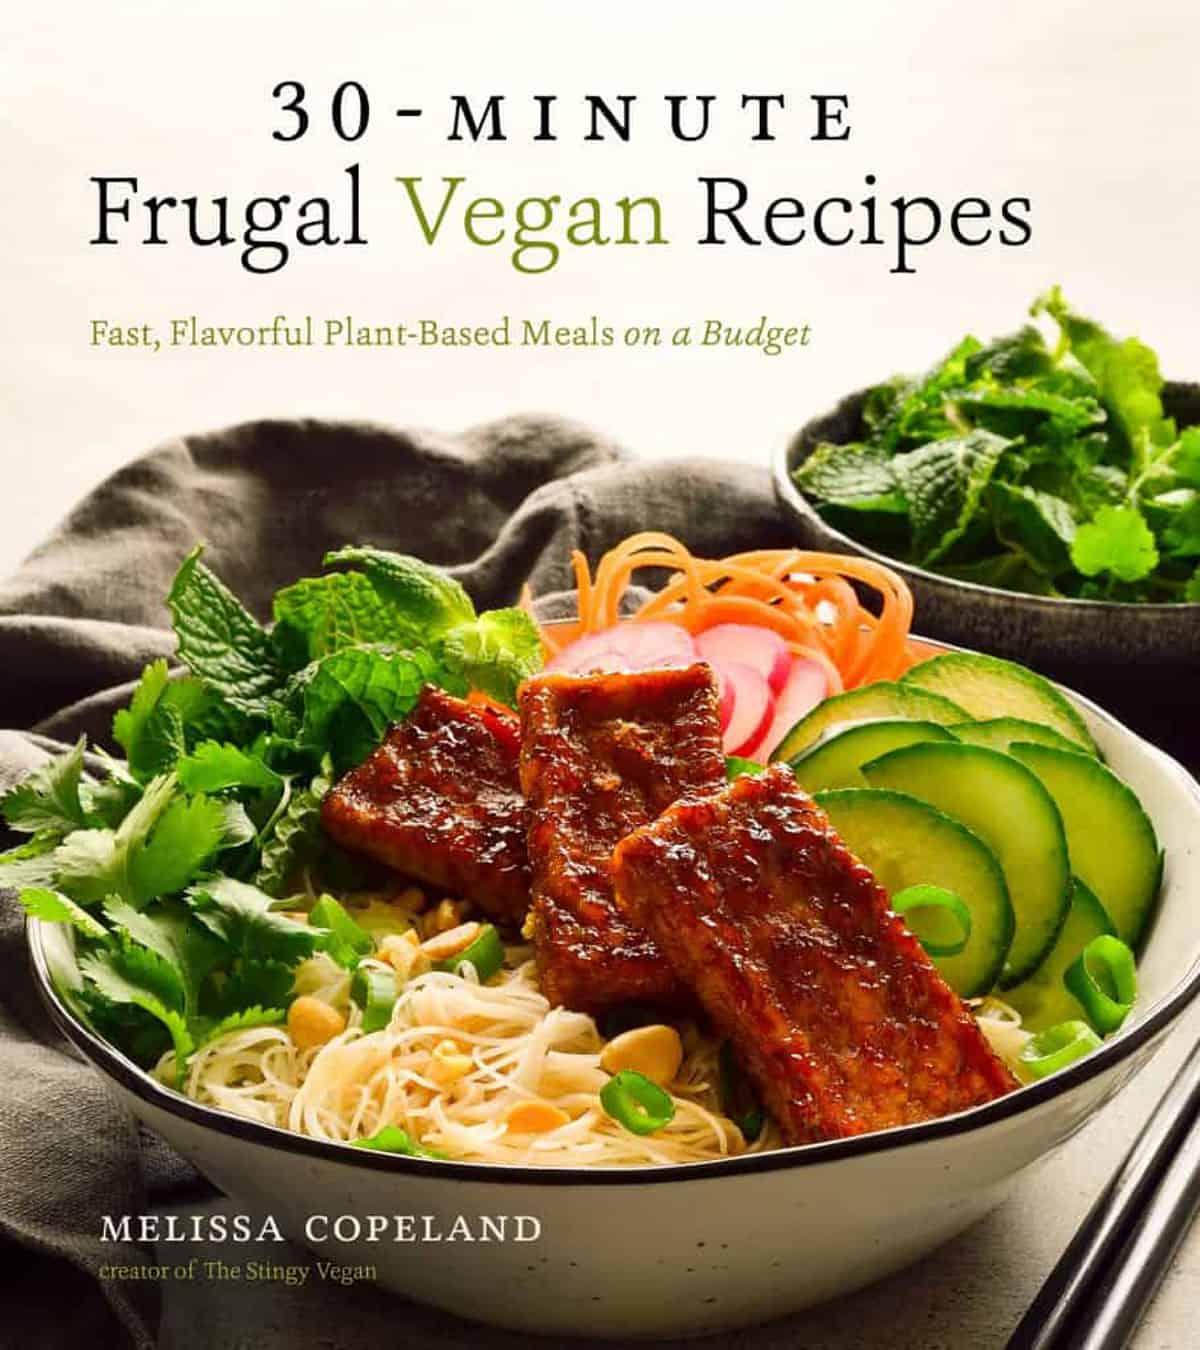 30 Minute Frugal Vegan Recipes Cookbook Cover